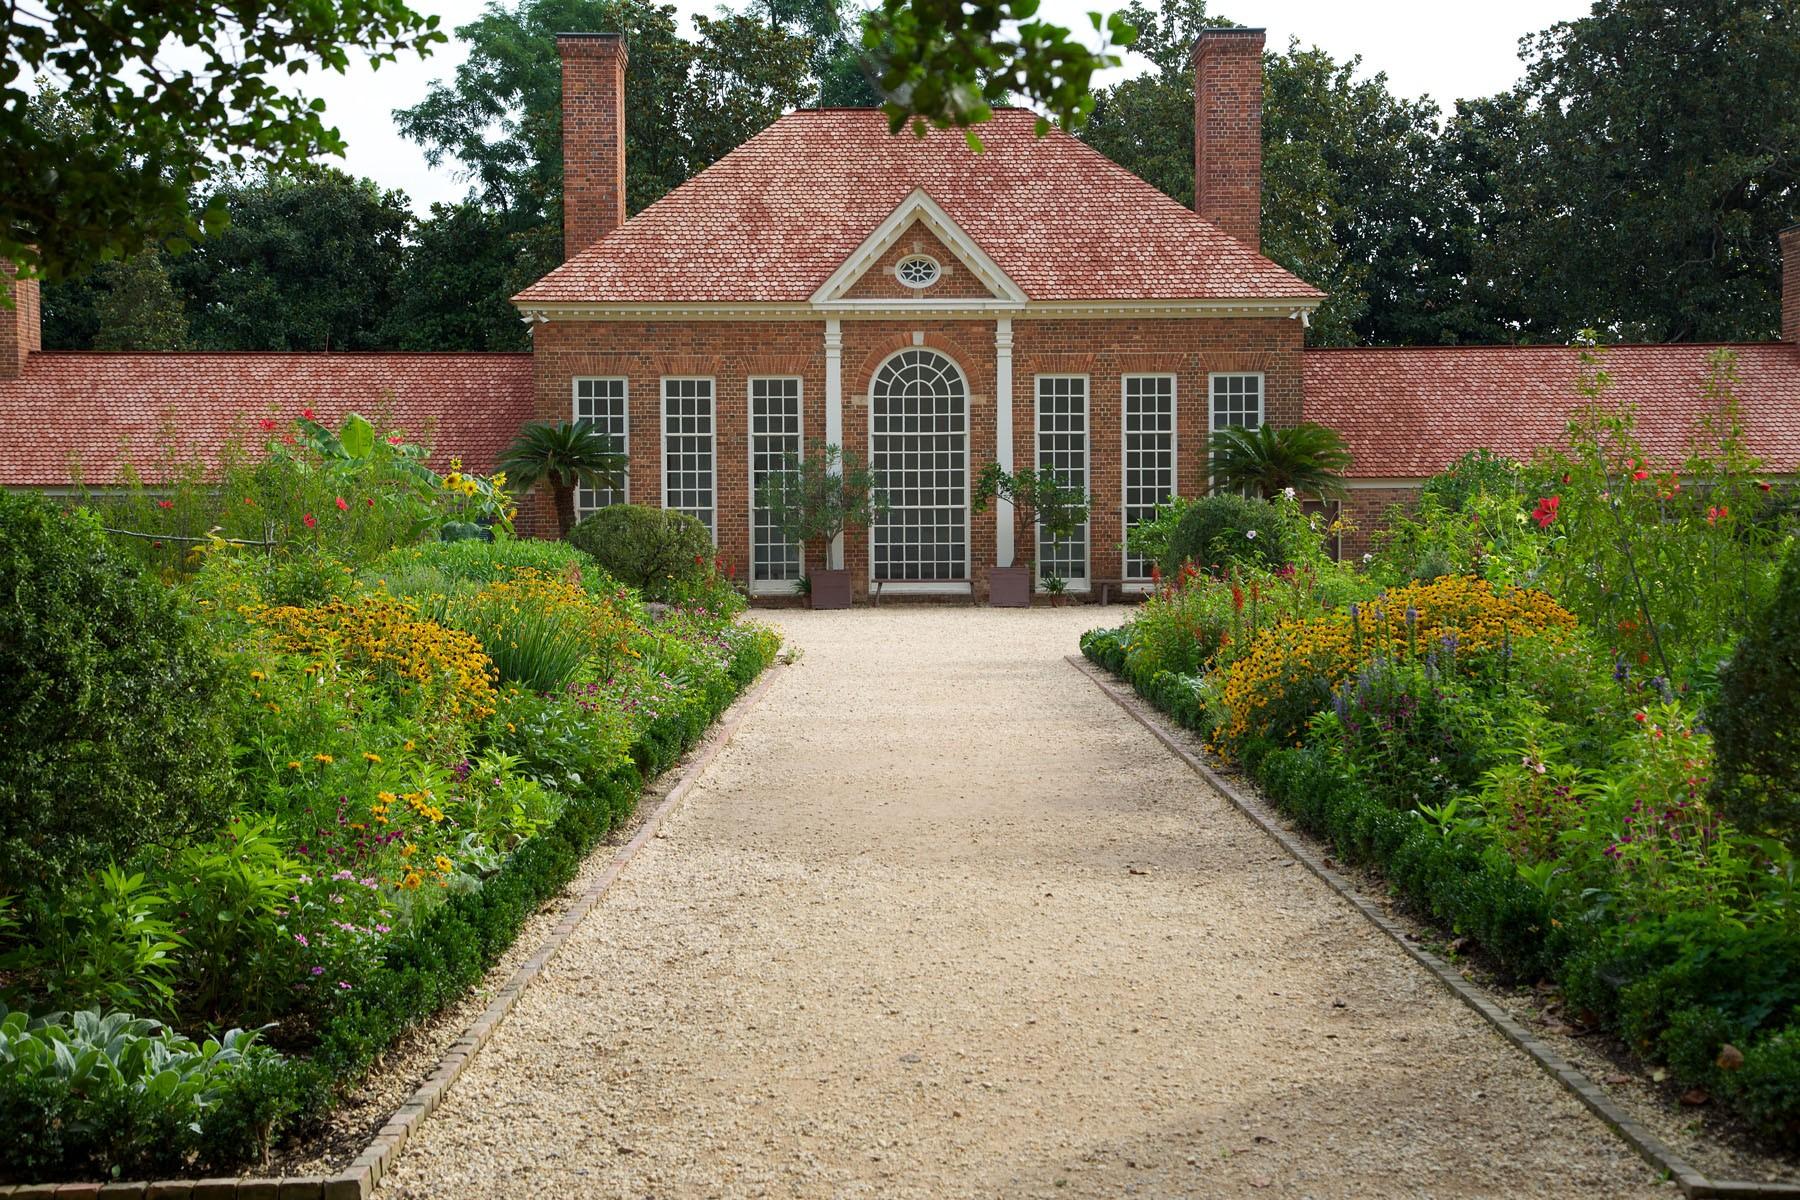 Comment Faire Un Beau Jardin bienvenue à mount vernon · george washington's mount vernon